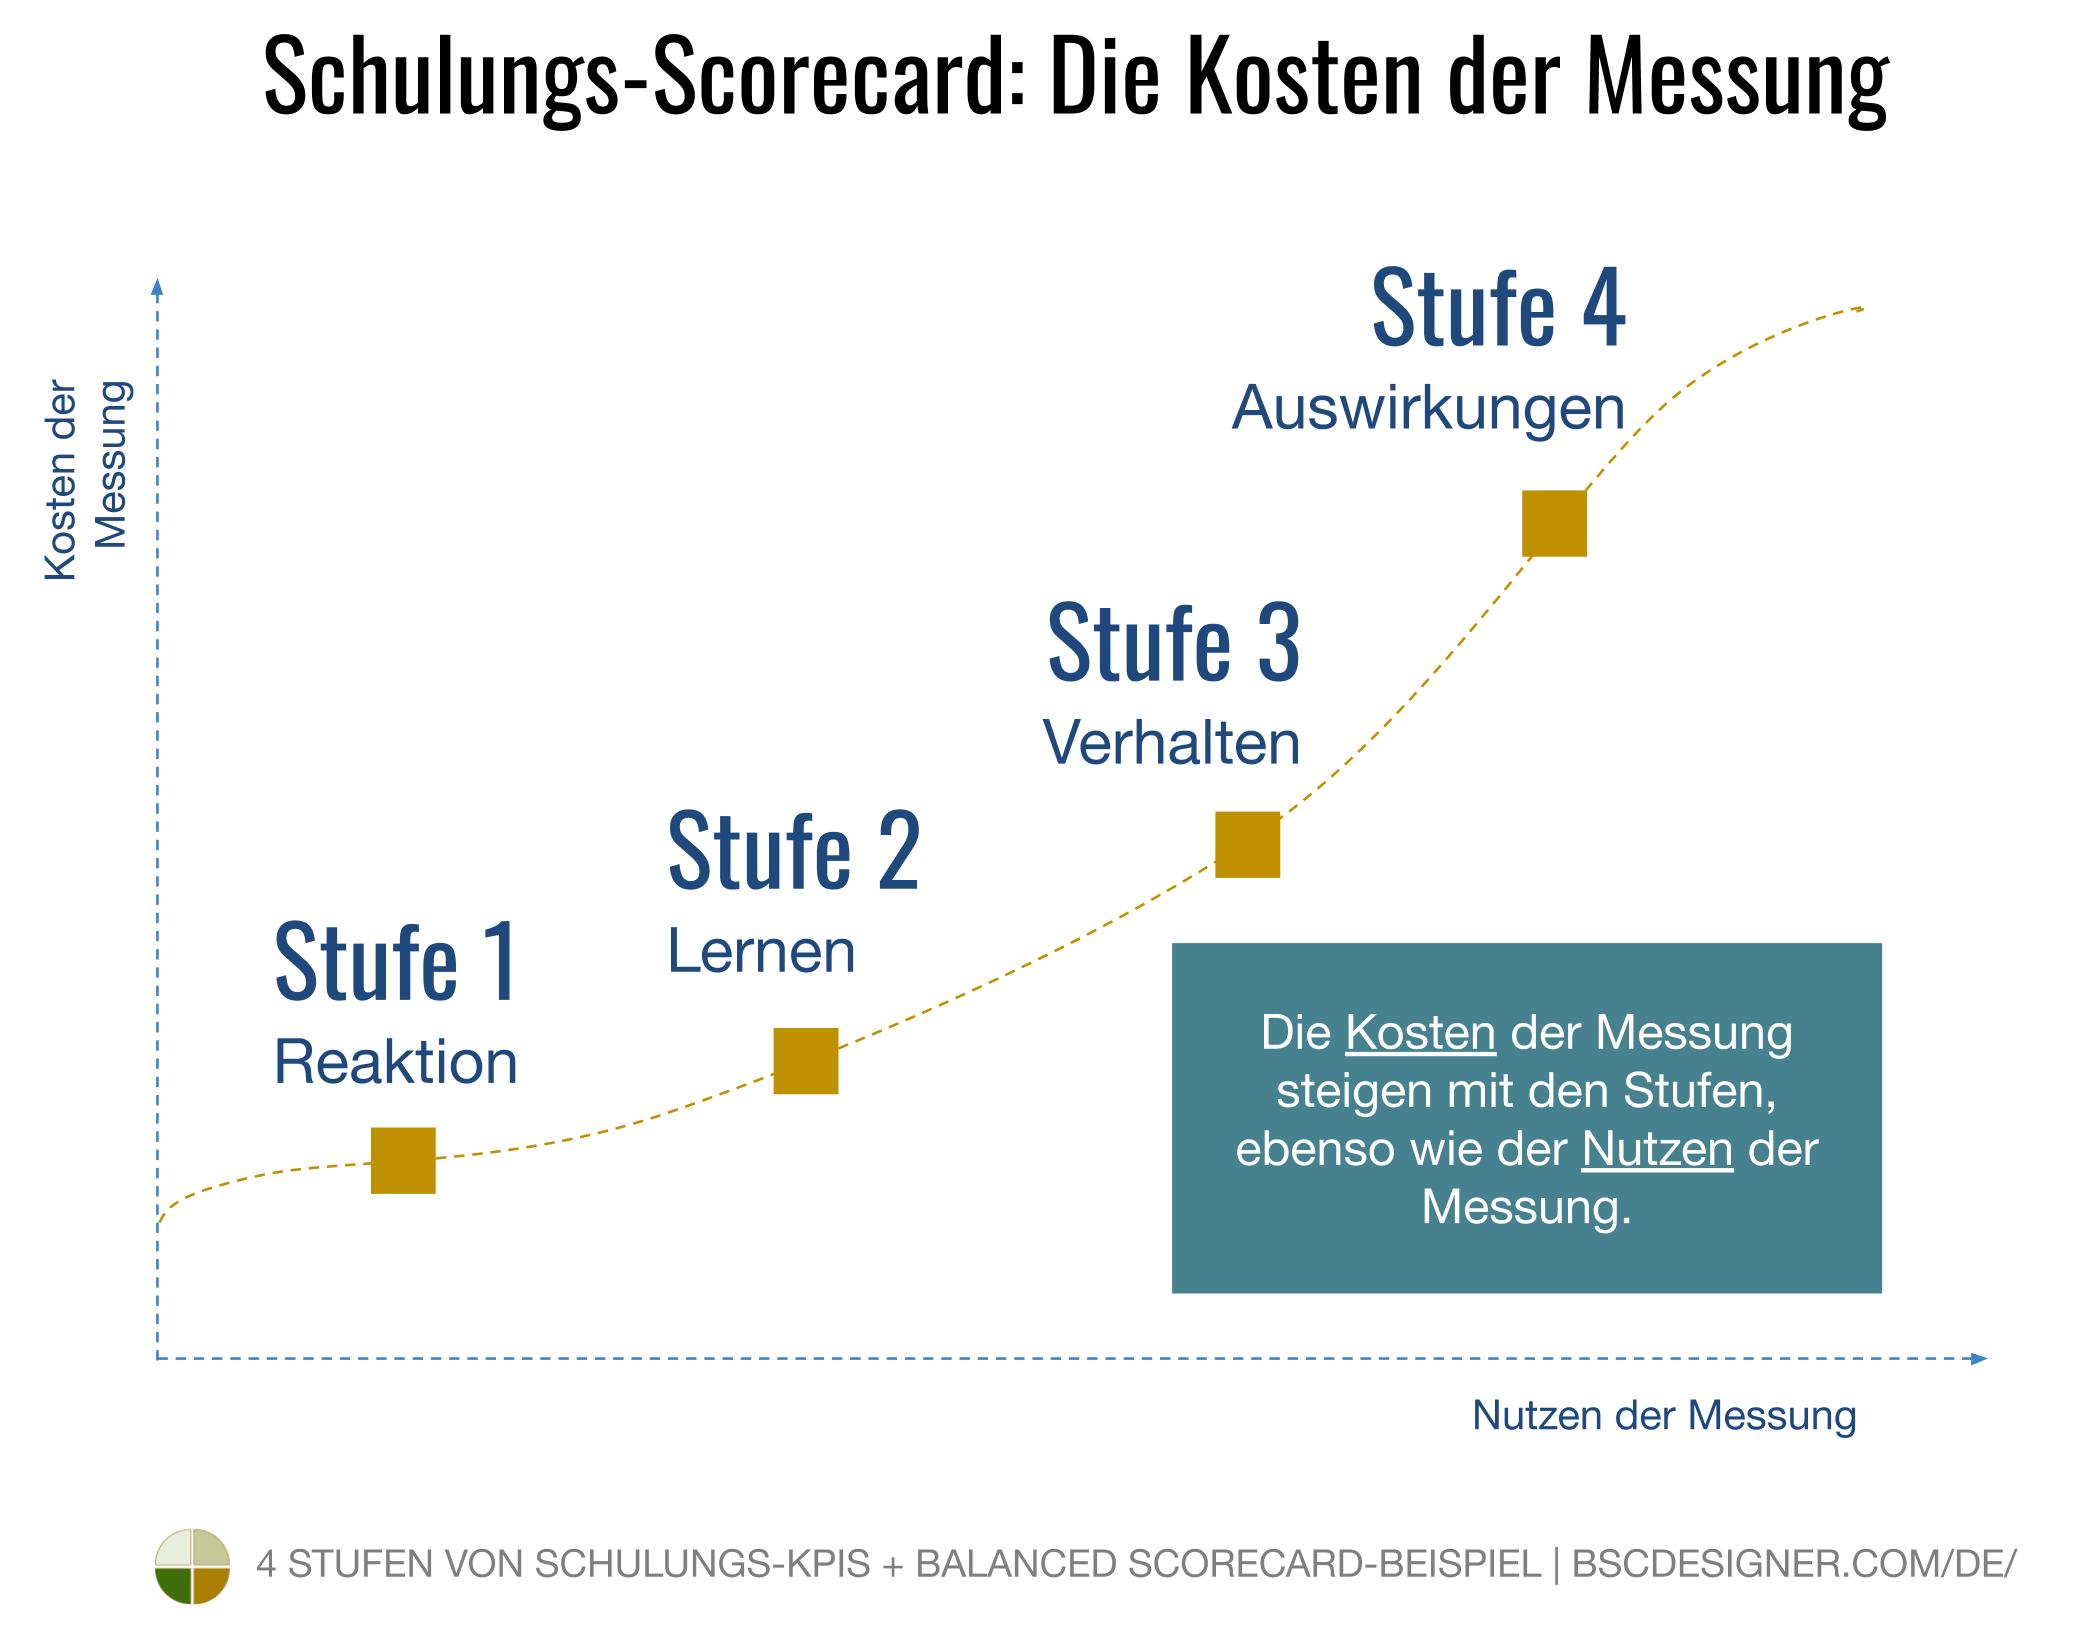 Die Kosten der Messung steigen mit den Stufen